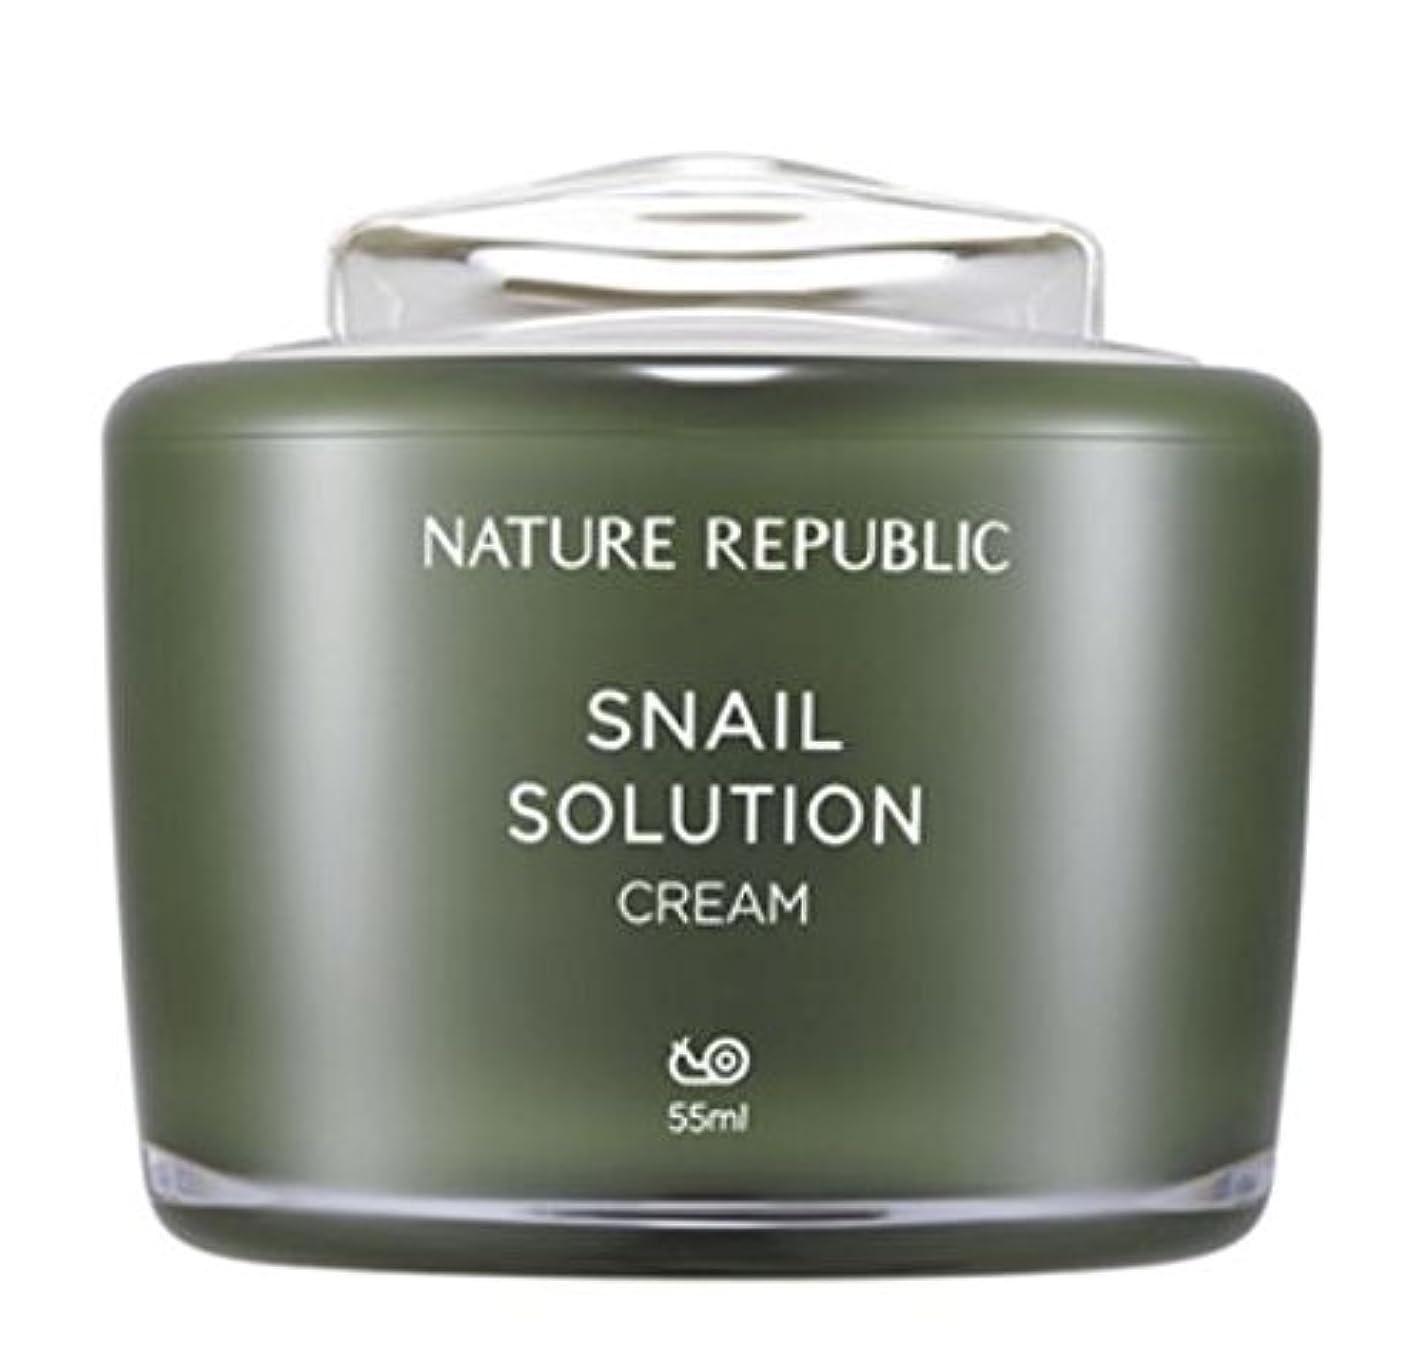 秀でる吸収取り消す正規輸入品 NATURE REPUBLIC(ネイチャーリパブリック) S SOL クリーム b 55ml NK0637